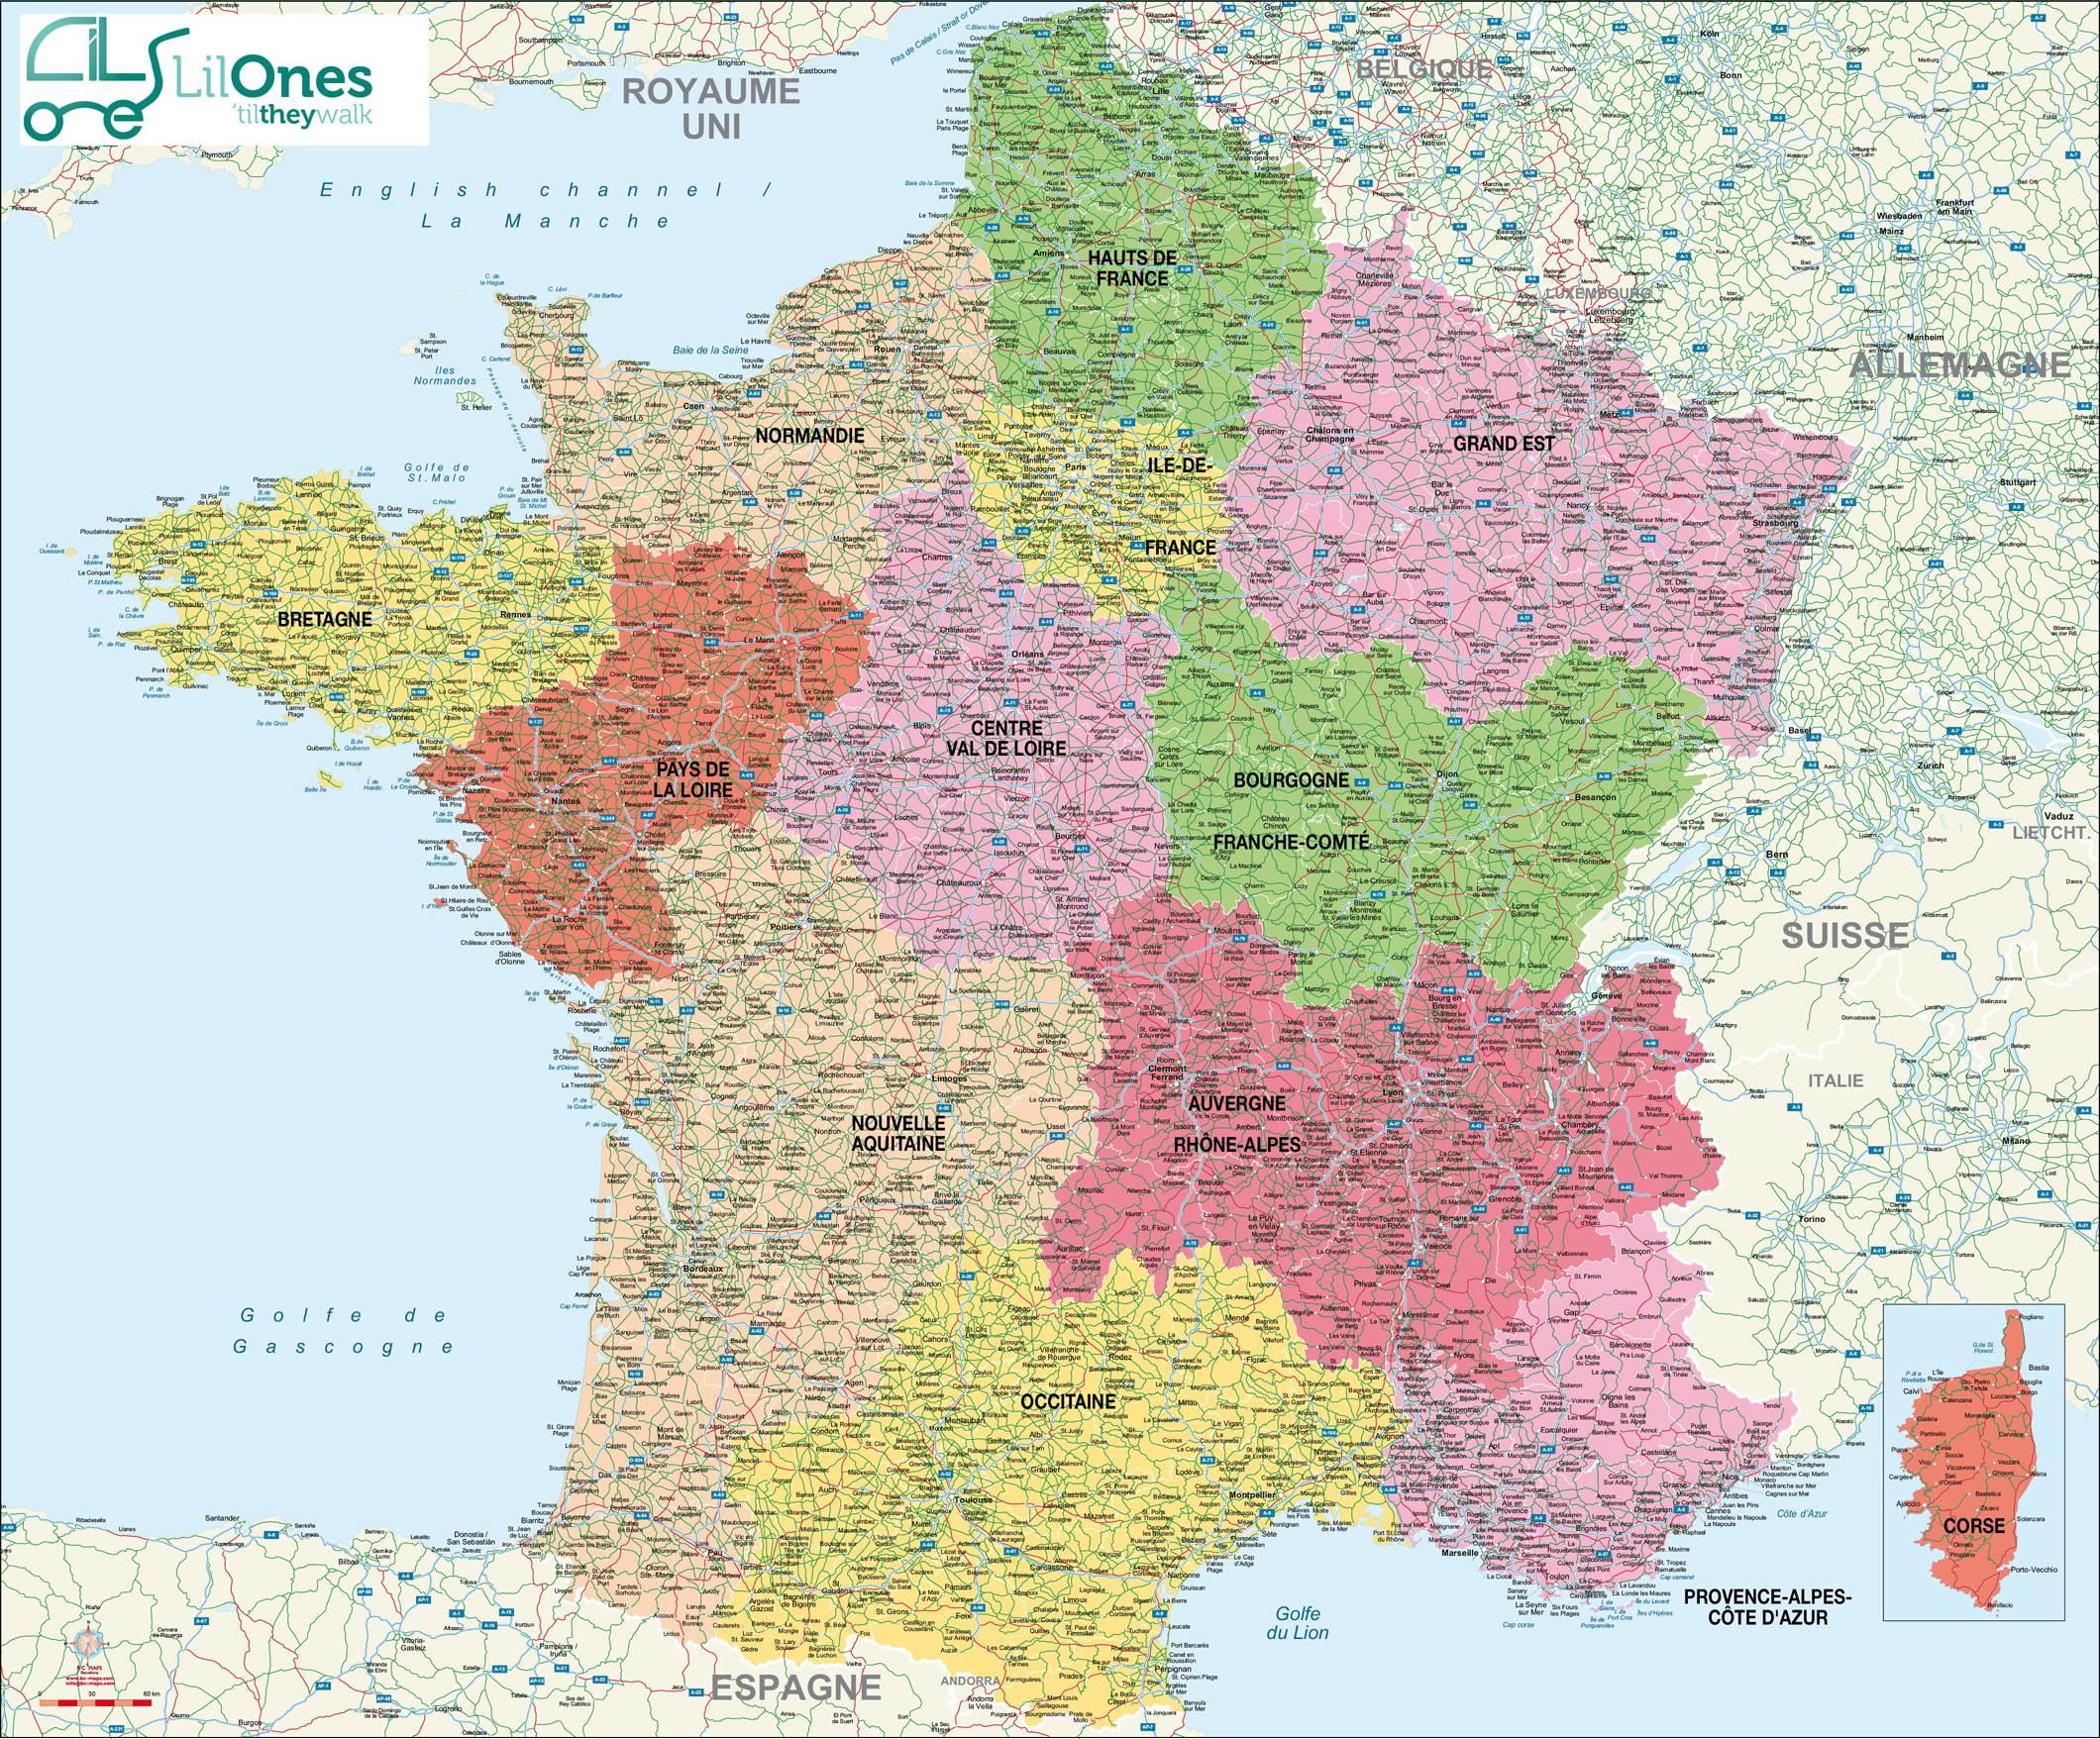 Carte France Villes : Carte Des Villes De France avec Carte Des Villes De France Détaillée